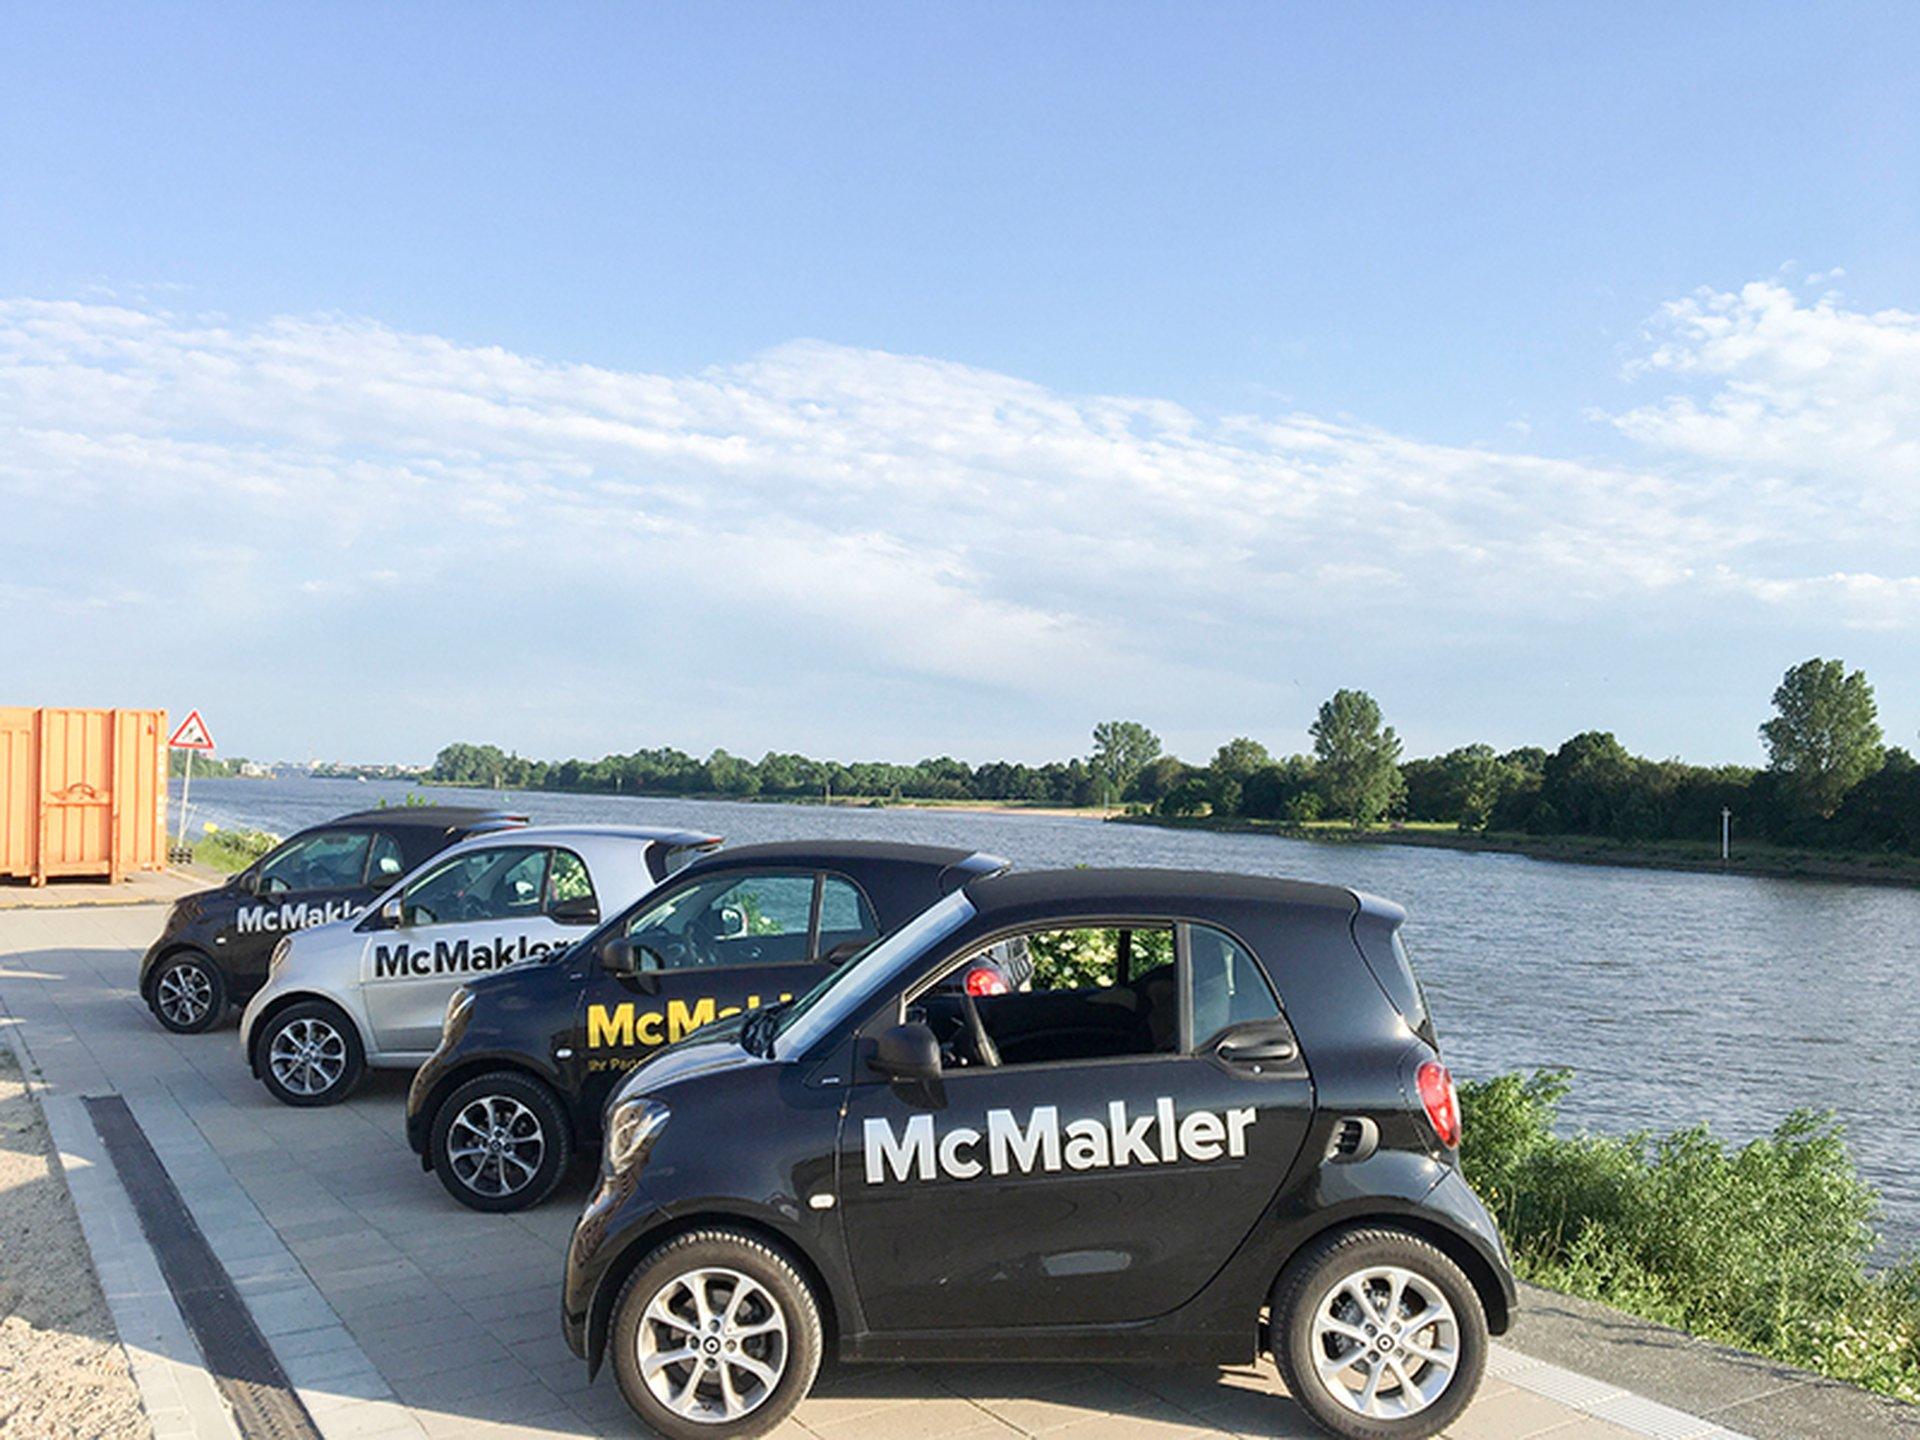 Der Fuhrpark von McMakler in Bremen